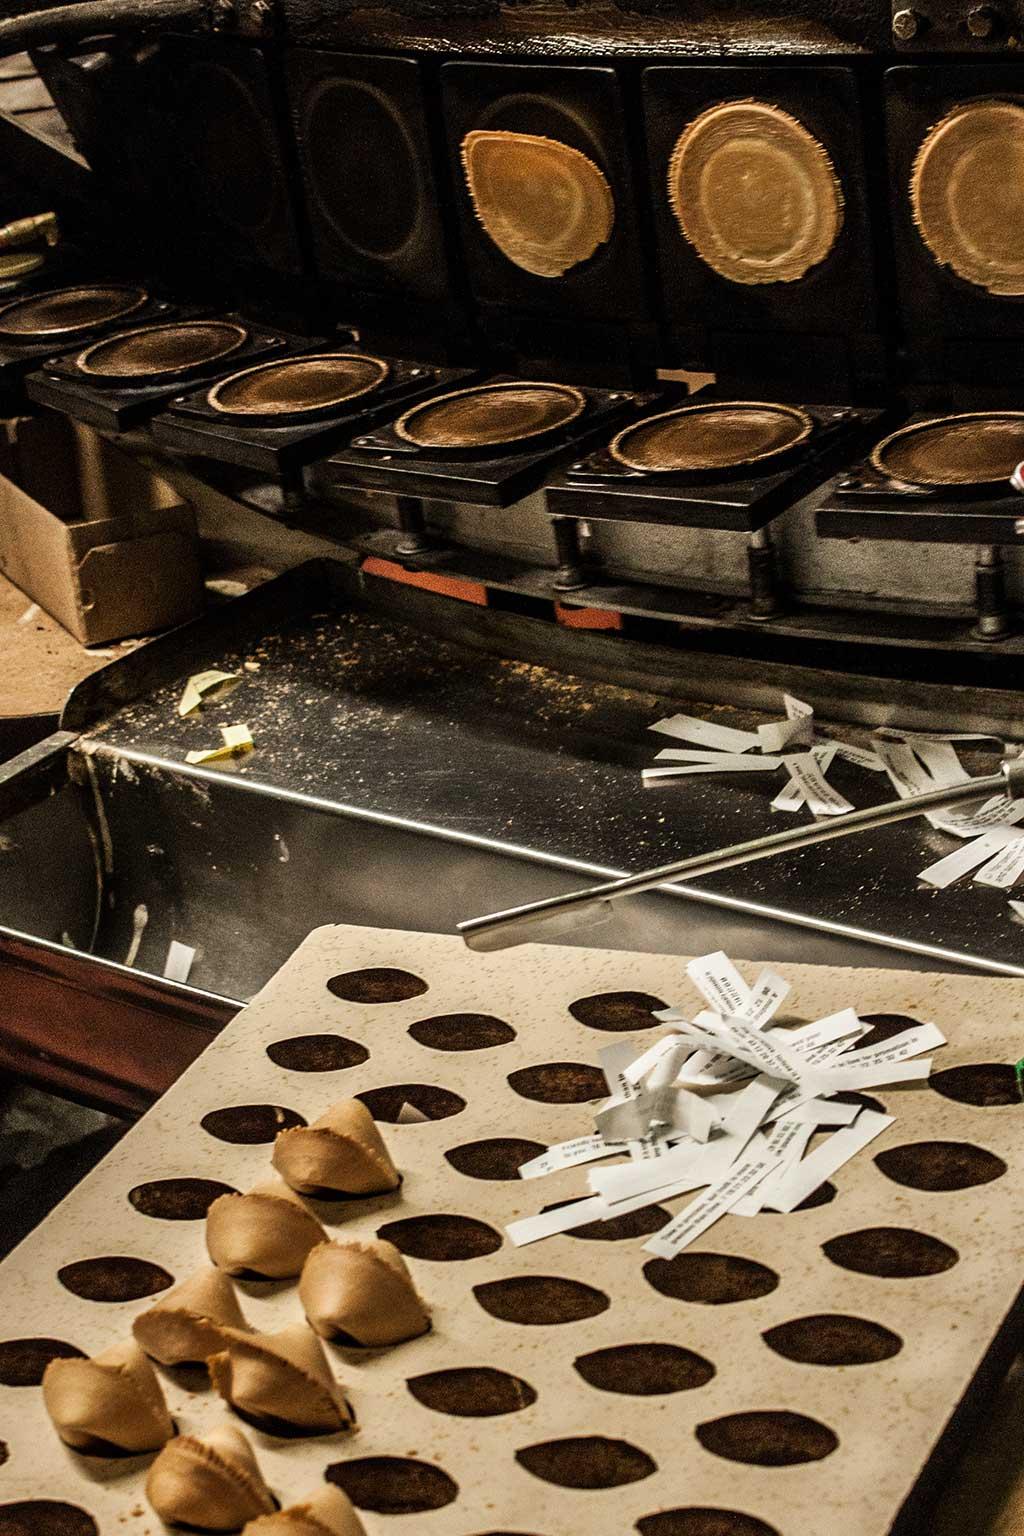 wurden also die Glückskekse erfunden. Hier gibt es immer frisch-gebackene Mägelexemplare zum Probieren.